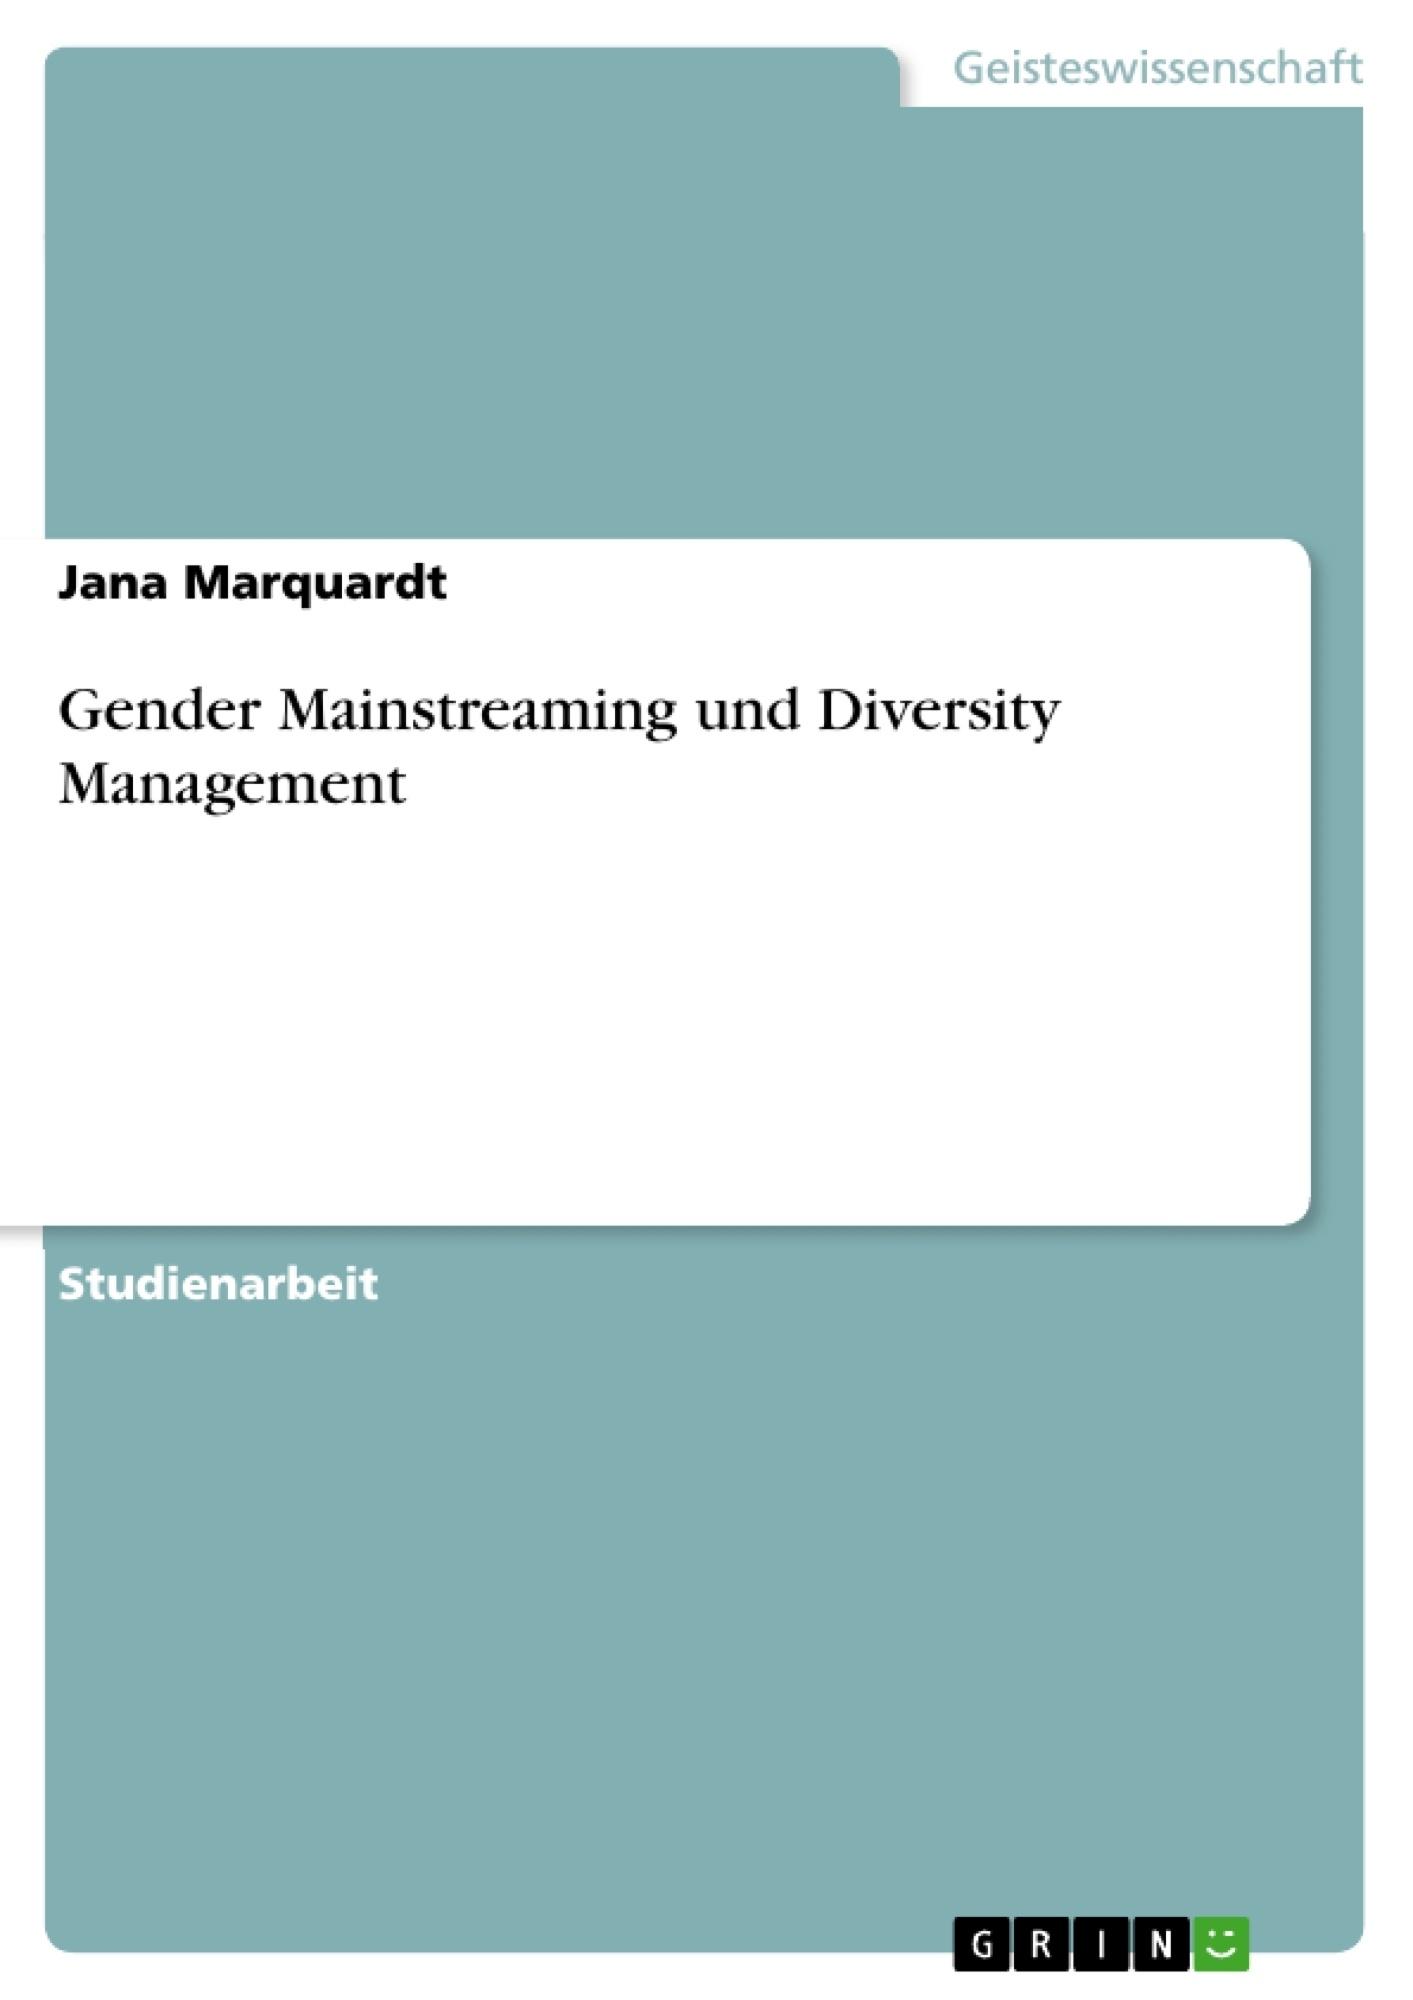 Titel: Gender Mainstreaming und Diversity Management